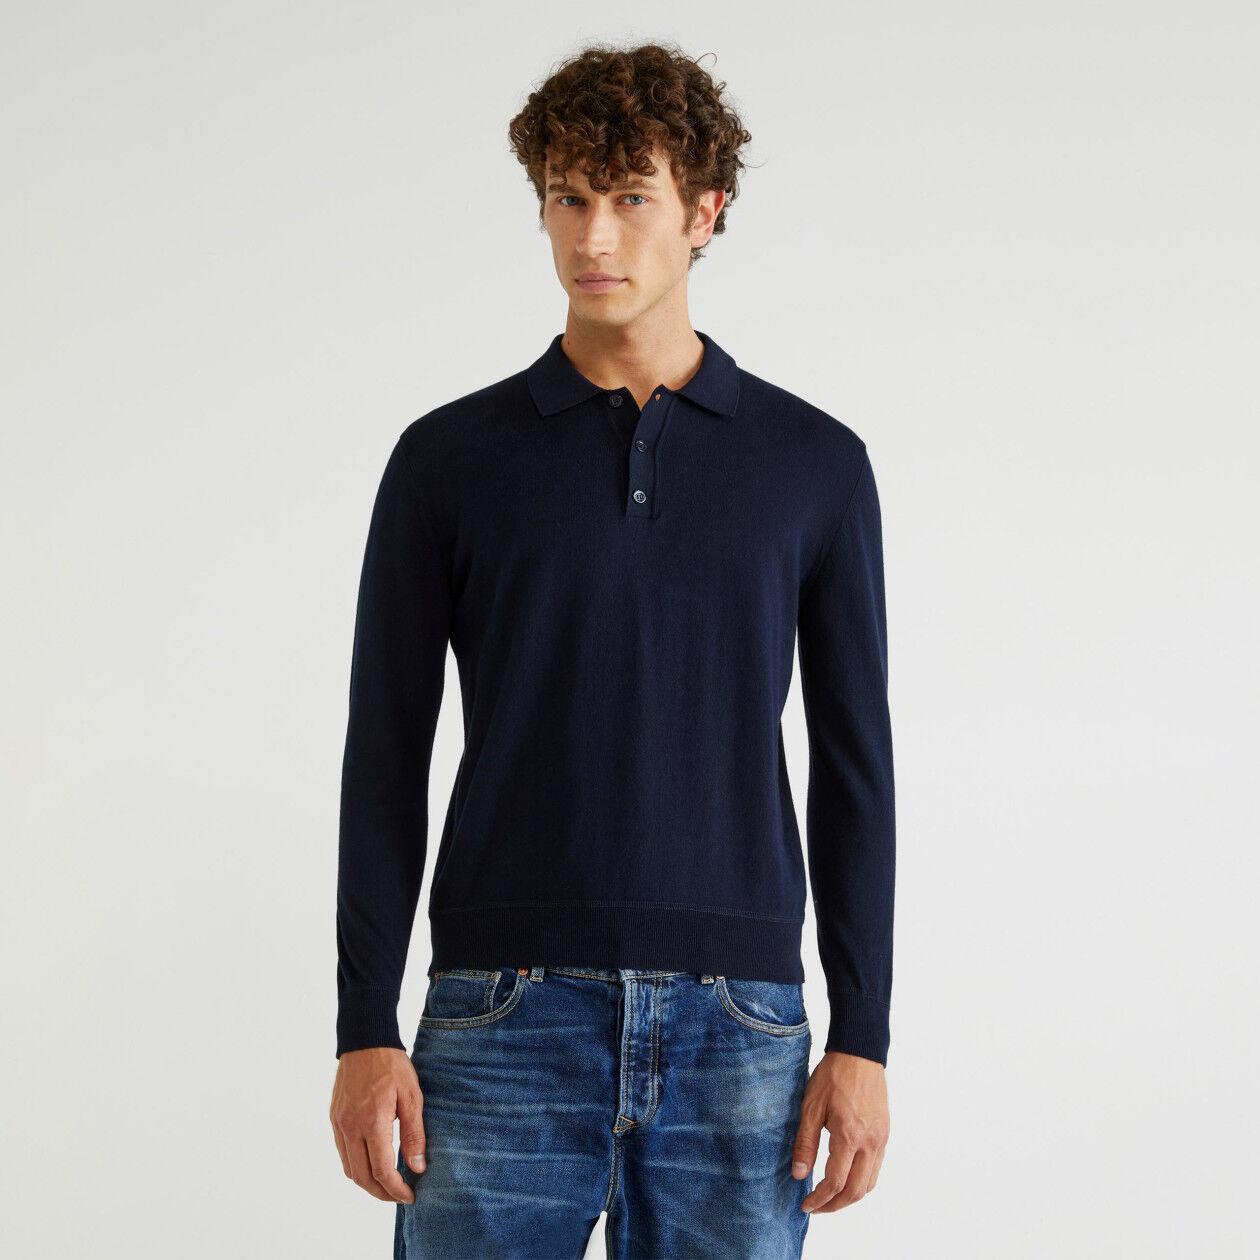 Jersey de estilo polo